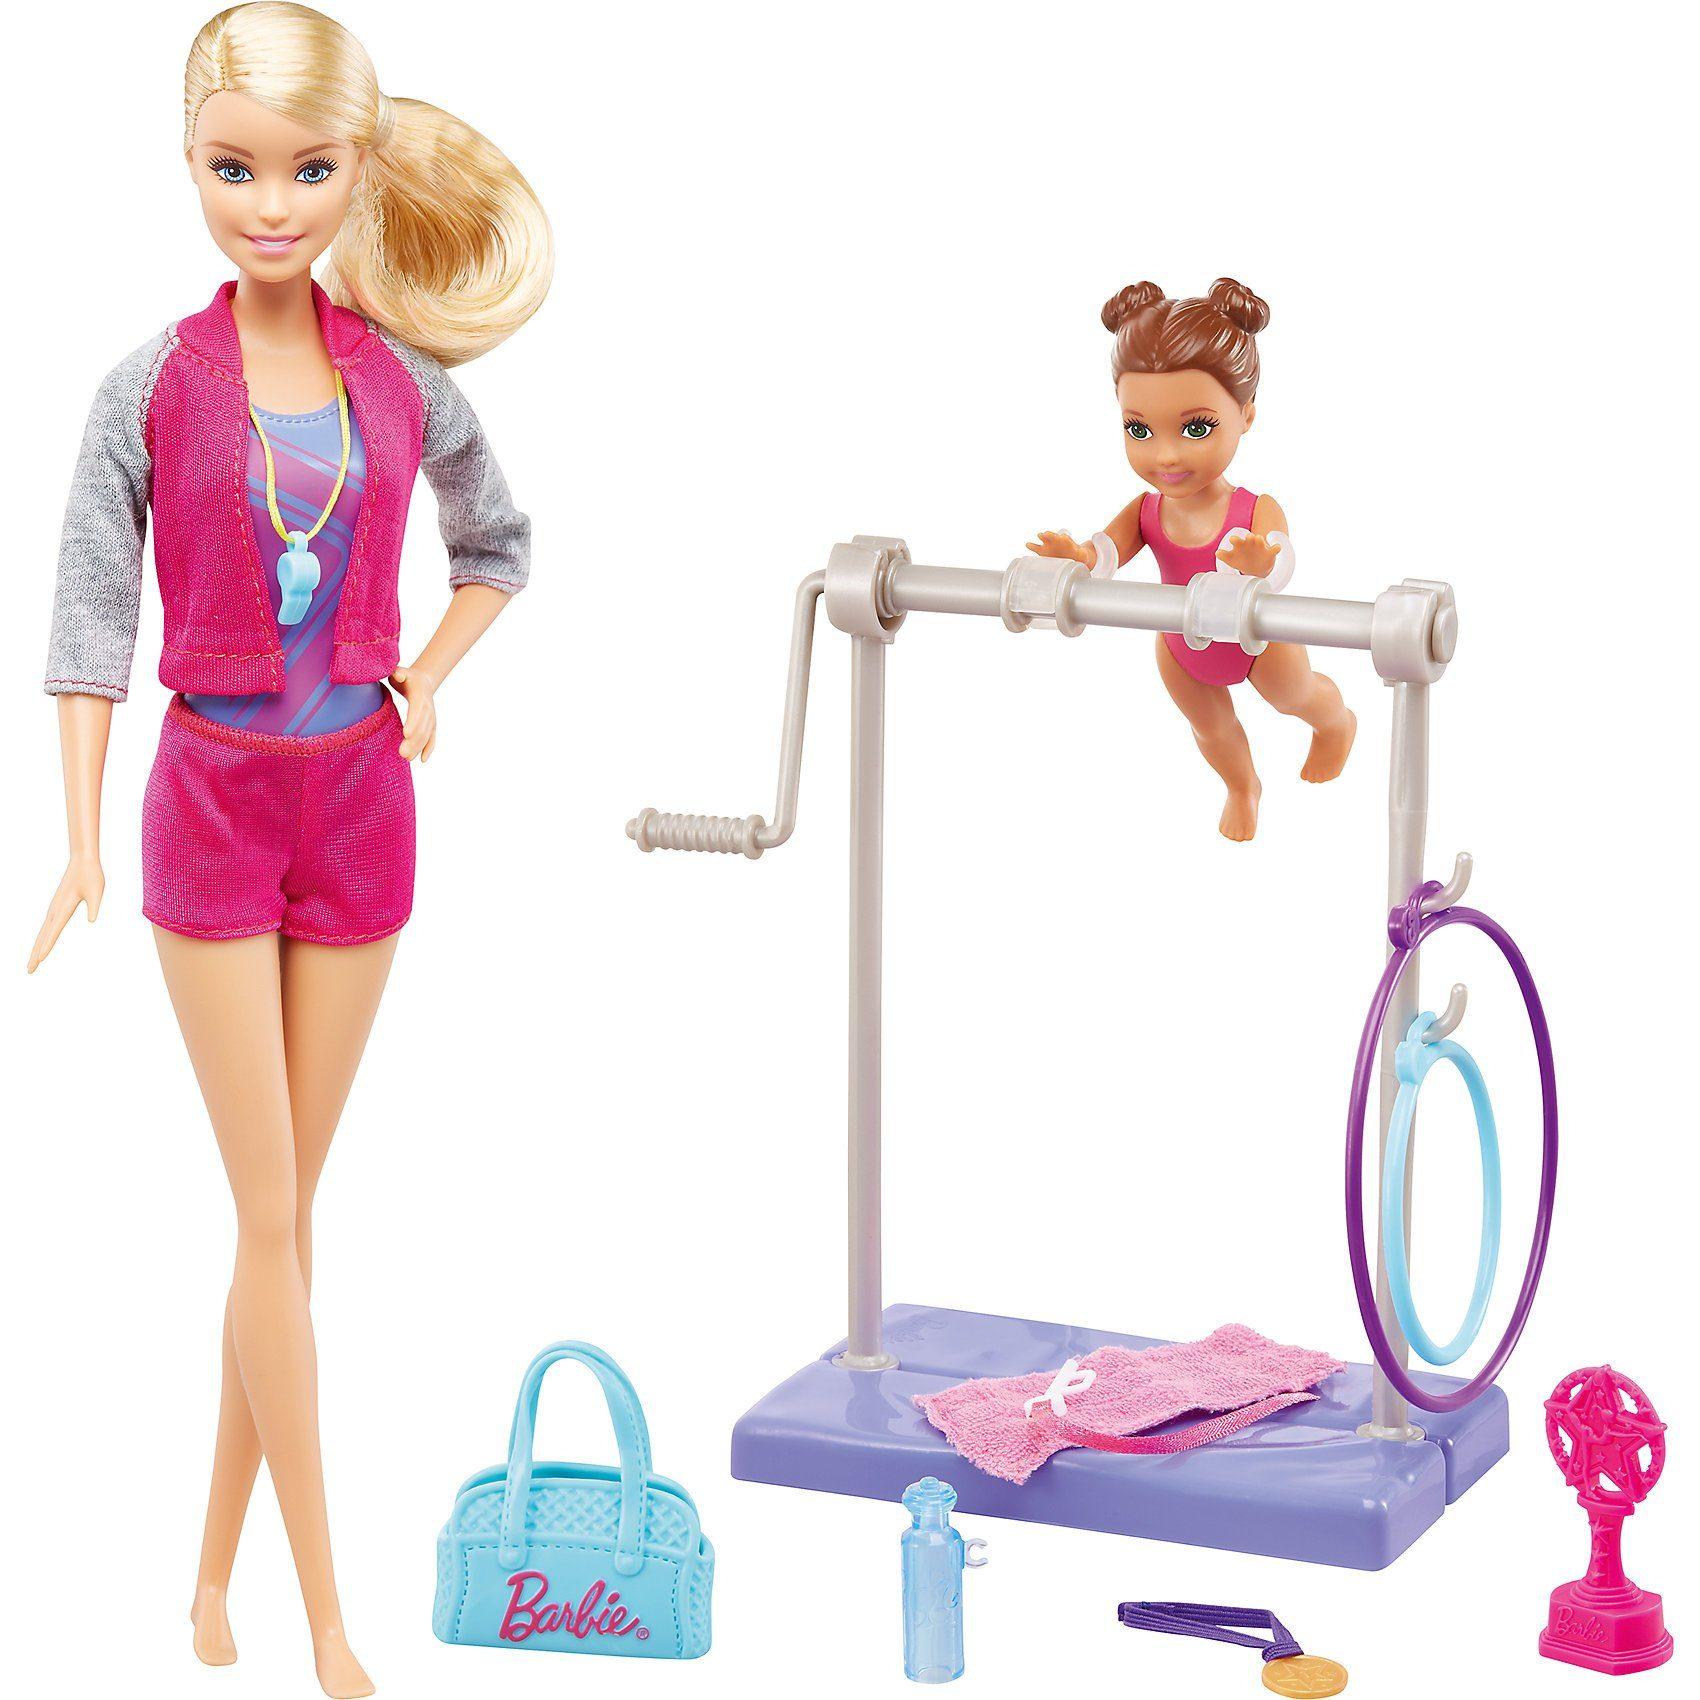 Mattel® Barbie Turntrainerin (blond) Puppe und Spielset